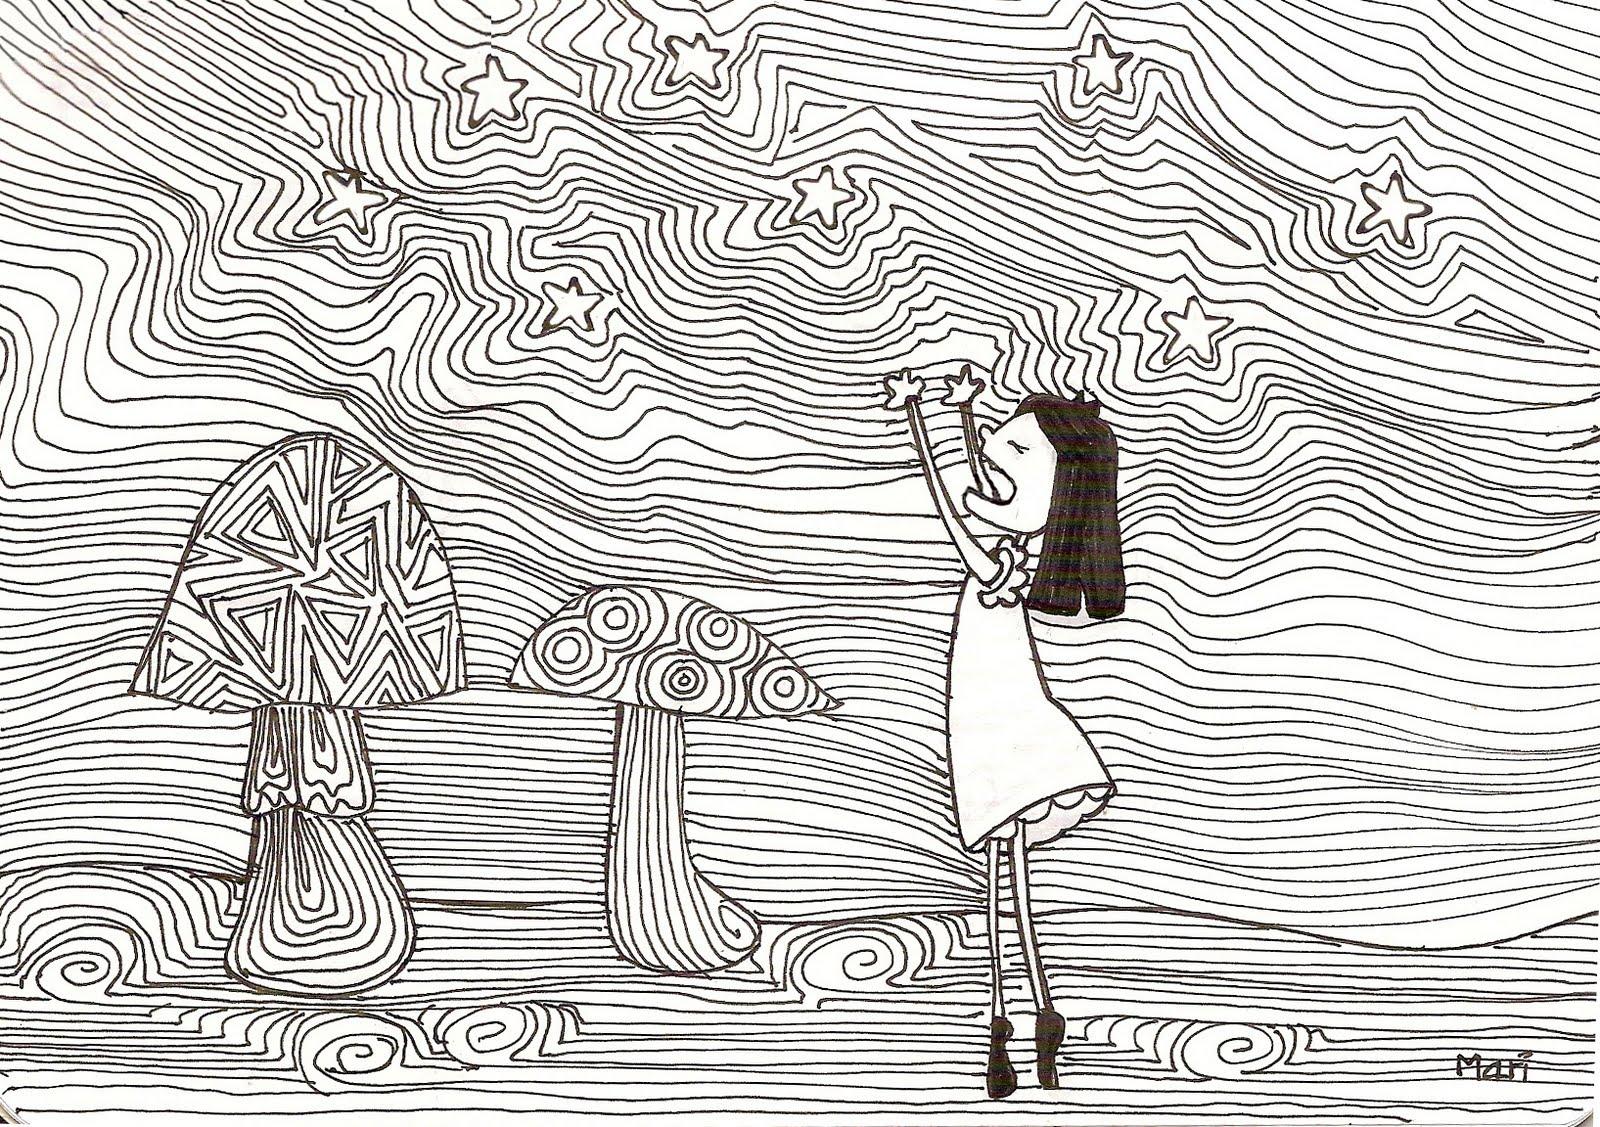 Dibujos Con Cuadros.La Artesania Me Da Alegria Dibujos Cuadros Marcos Camisetas